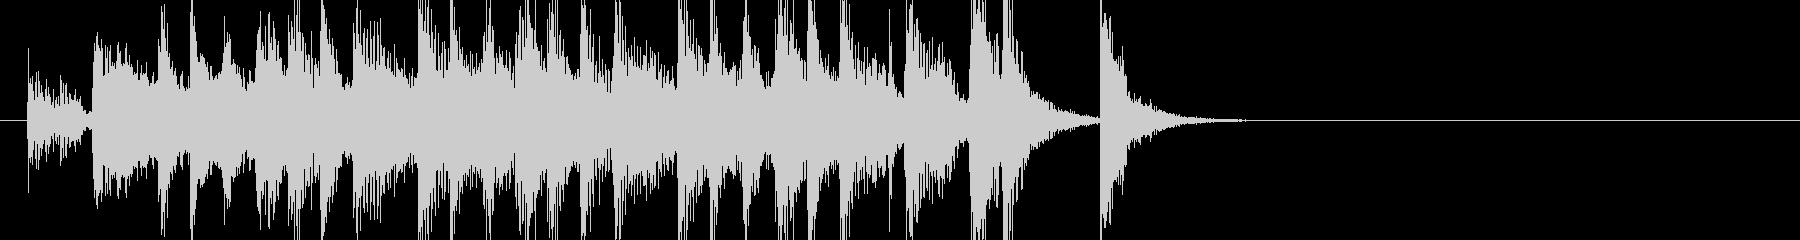 ほのぼのとして明るくポップなジングルの未再生の波形